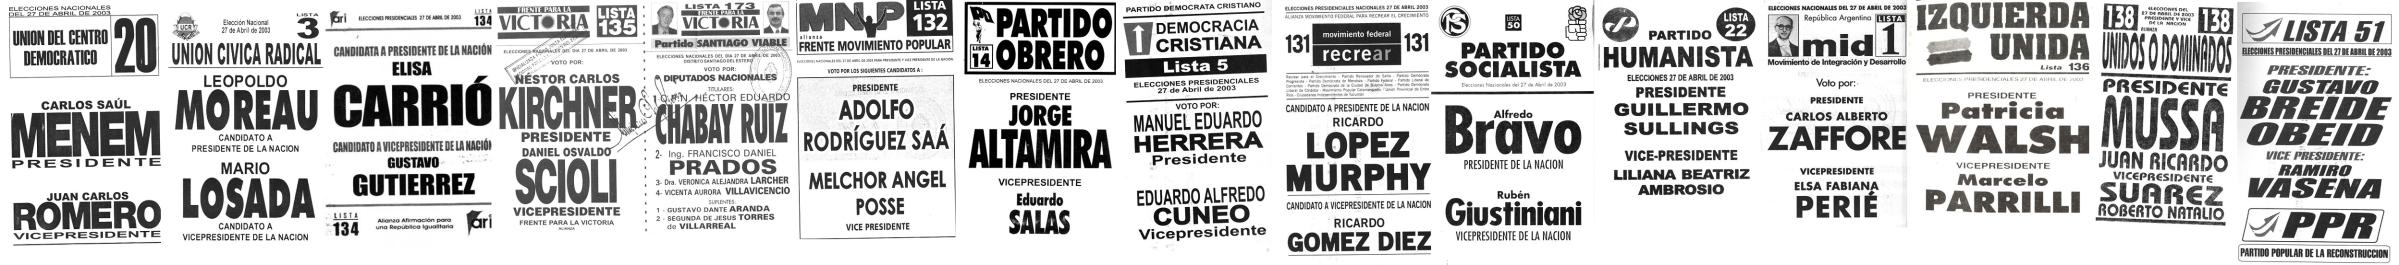 Boletas electorales de las elecciones del 2003.